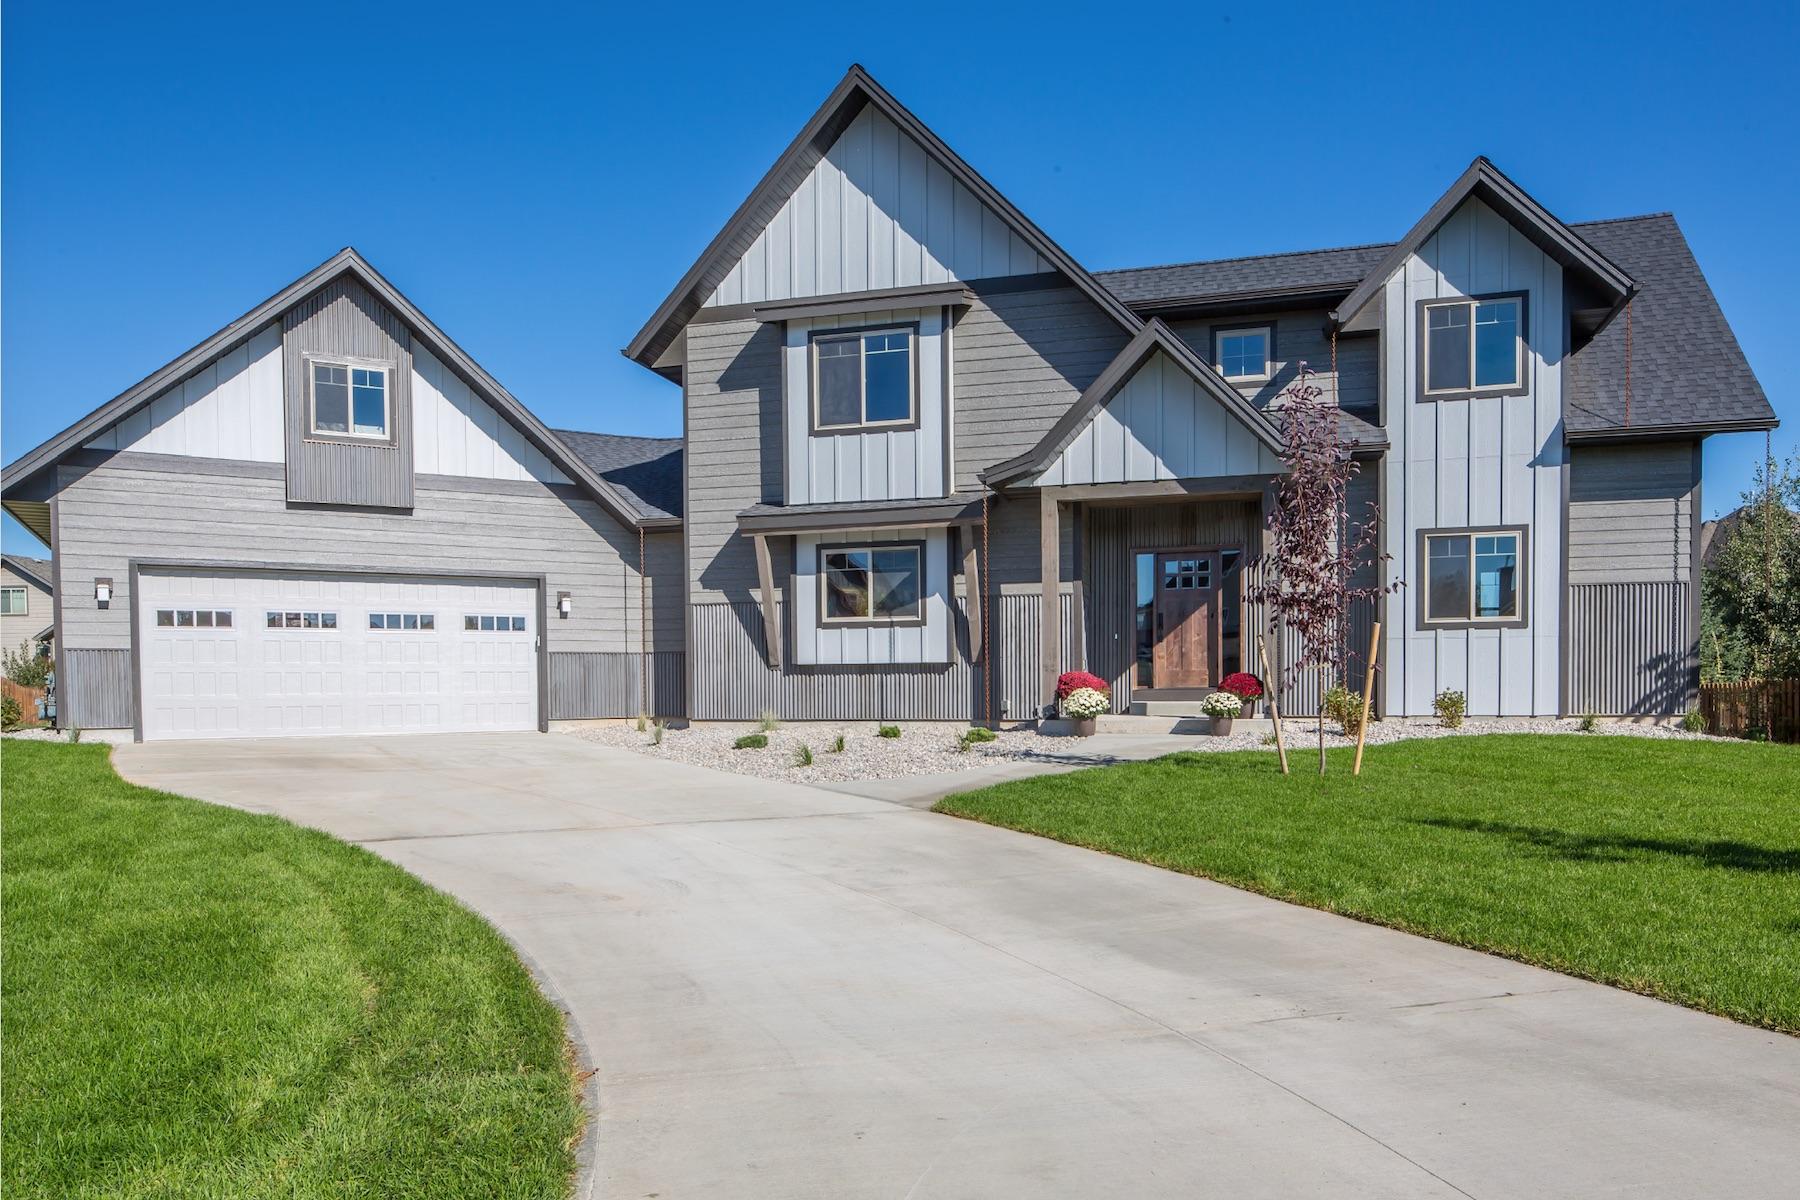 Villa per Vendita alle ore 95 Vita Court Bozeman, Montana, 59716 Stati Uniti